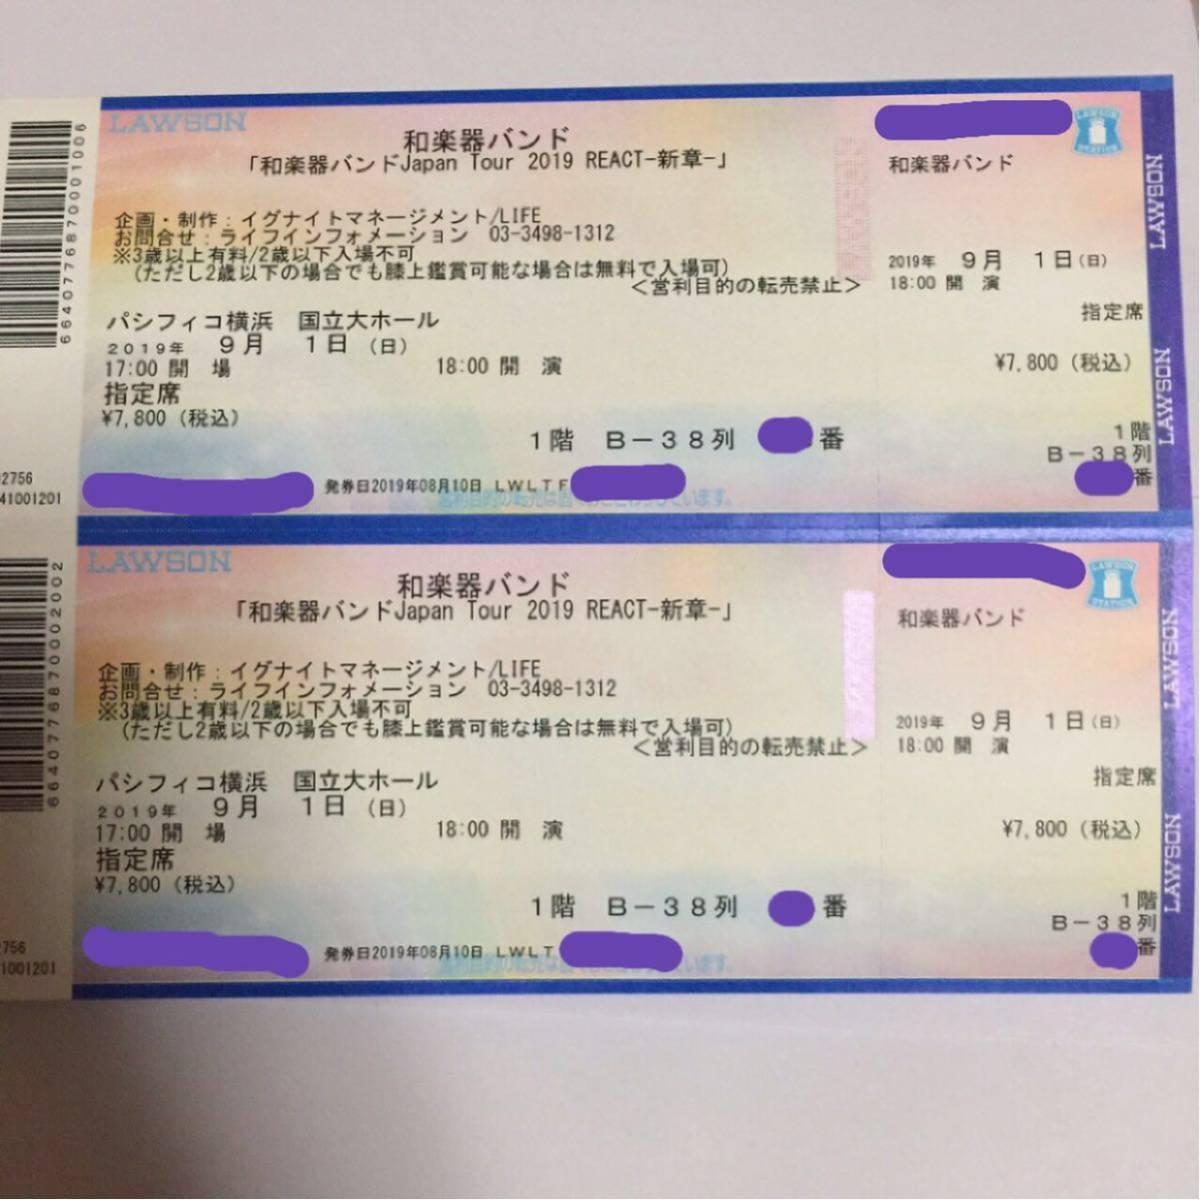 和楽器バンド Japan Tour 2019 PEACTー新章ー連番チケット